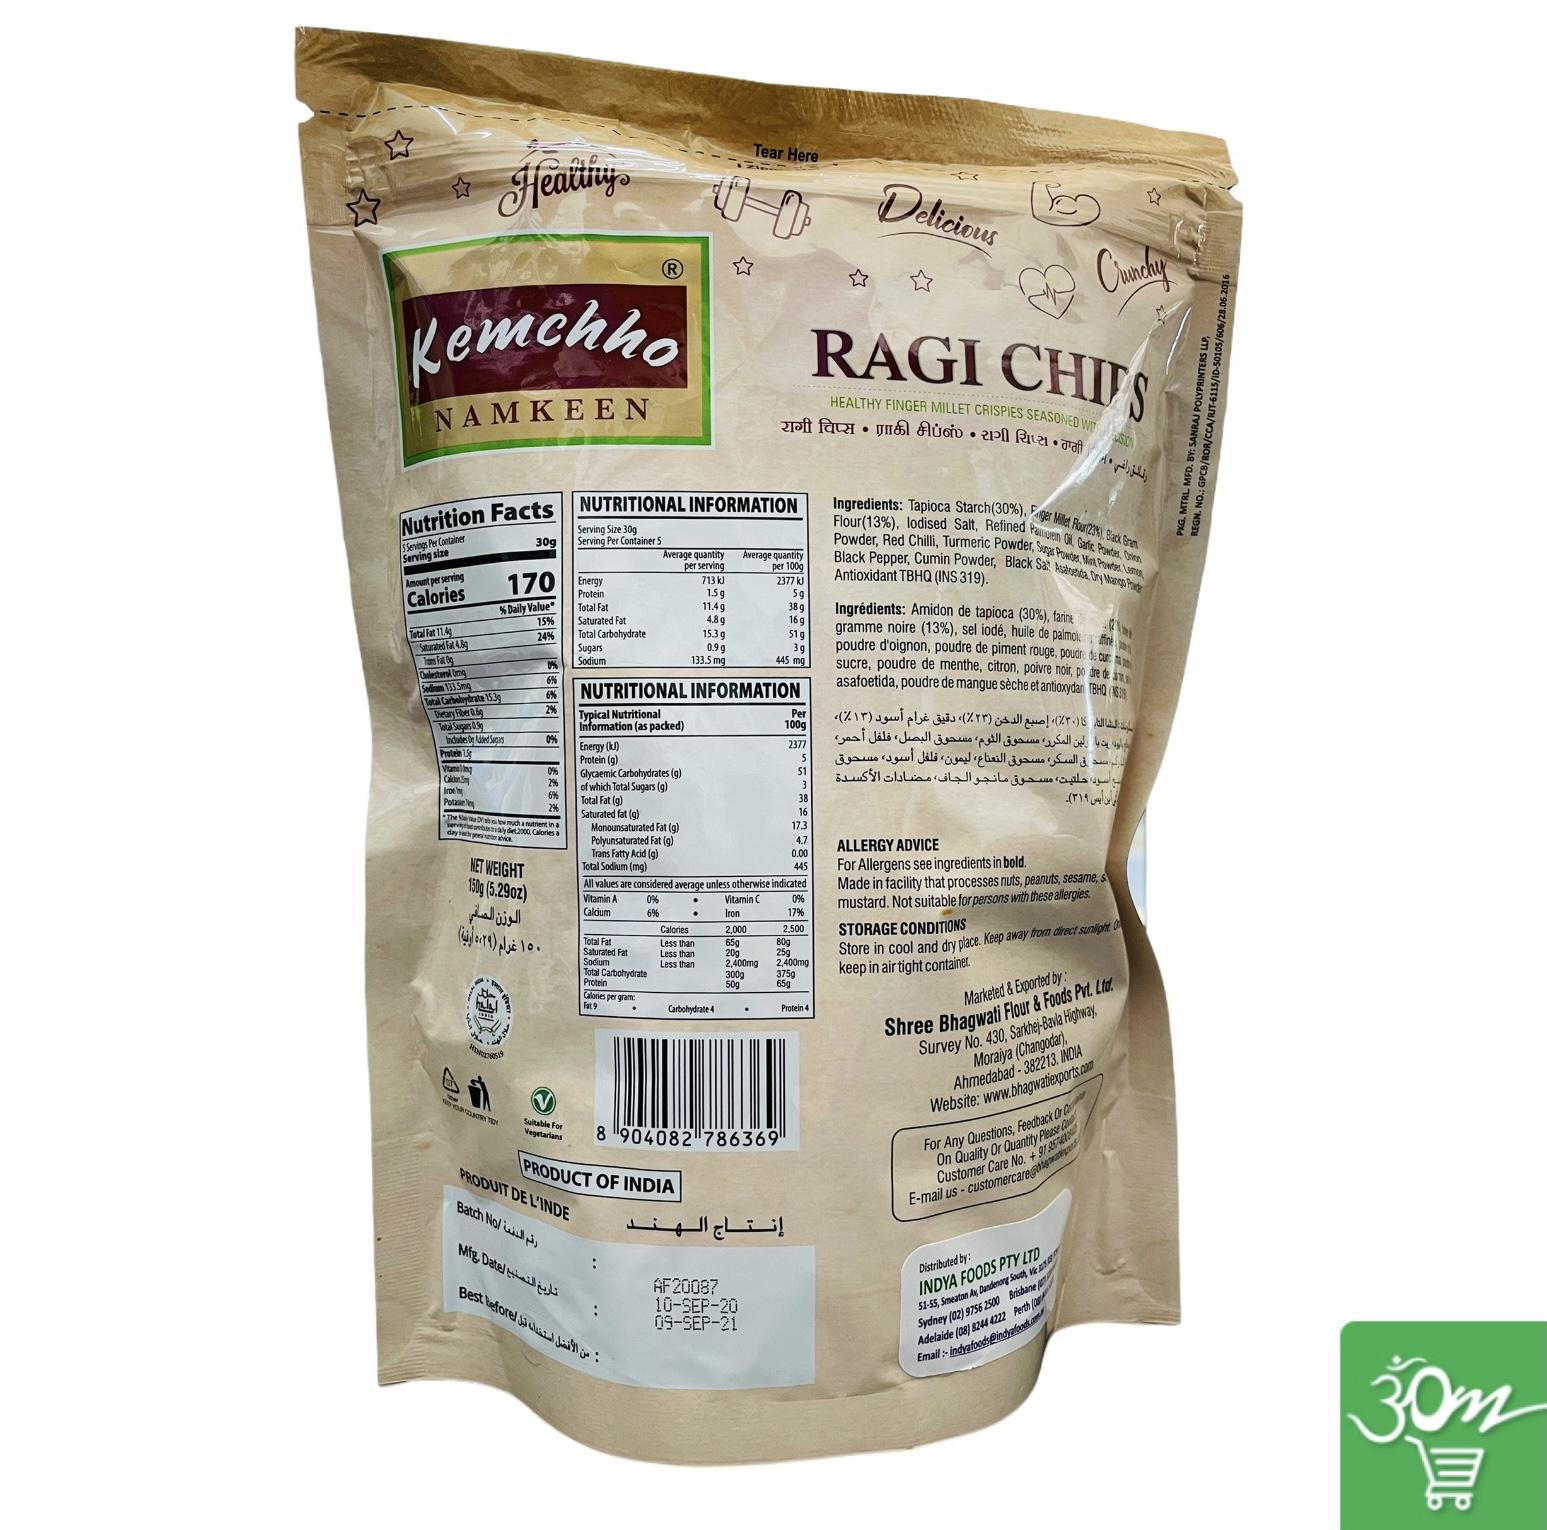 Kemchho Ragi Chips